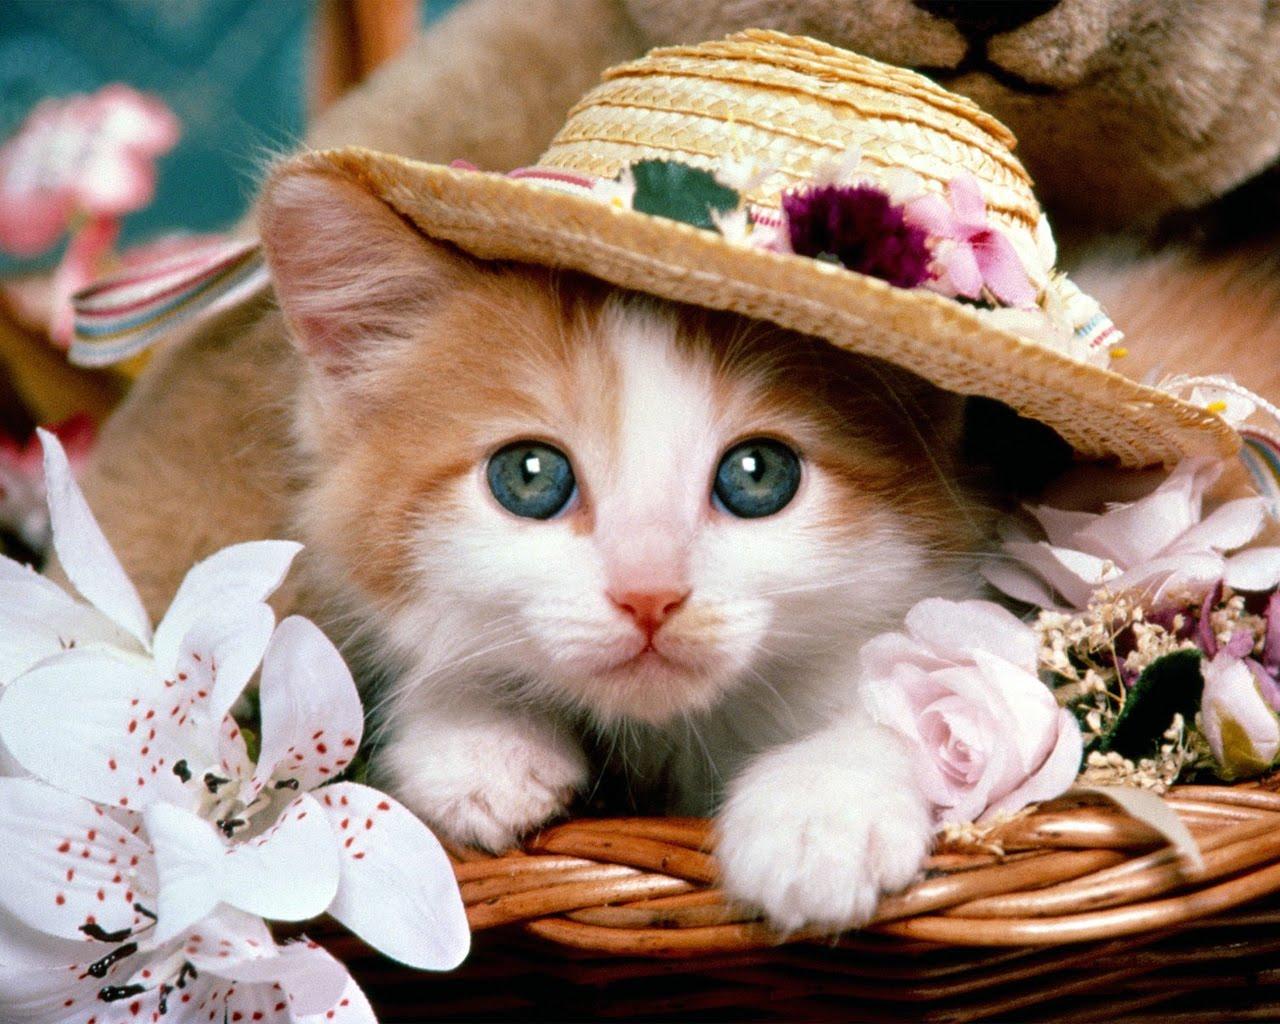 http://4.bp.blogspot.com/-nlbSMRIbHFk/TW930J7qWvI/AAAAAAAAFnY/u9M1j3q4D60/s1600/cat%2B2.jpg